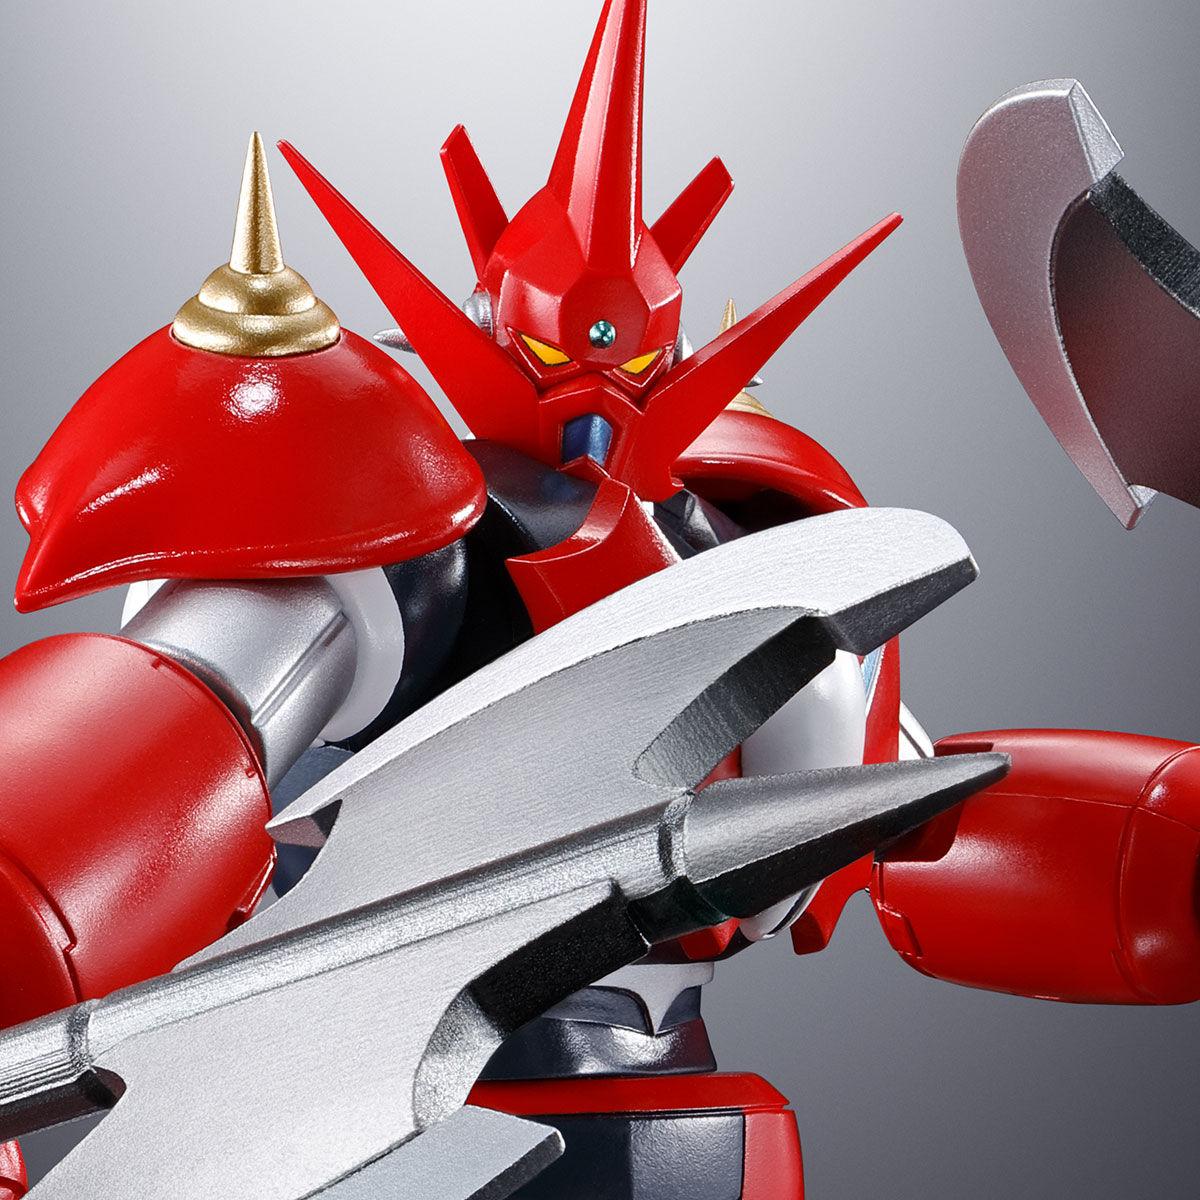 【限定販売】超合金魂『GX-98 ゲッターD2』ゲッターロボ アーク 可動フィギュア-001